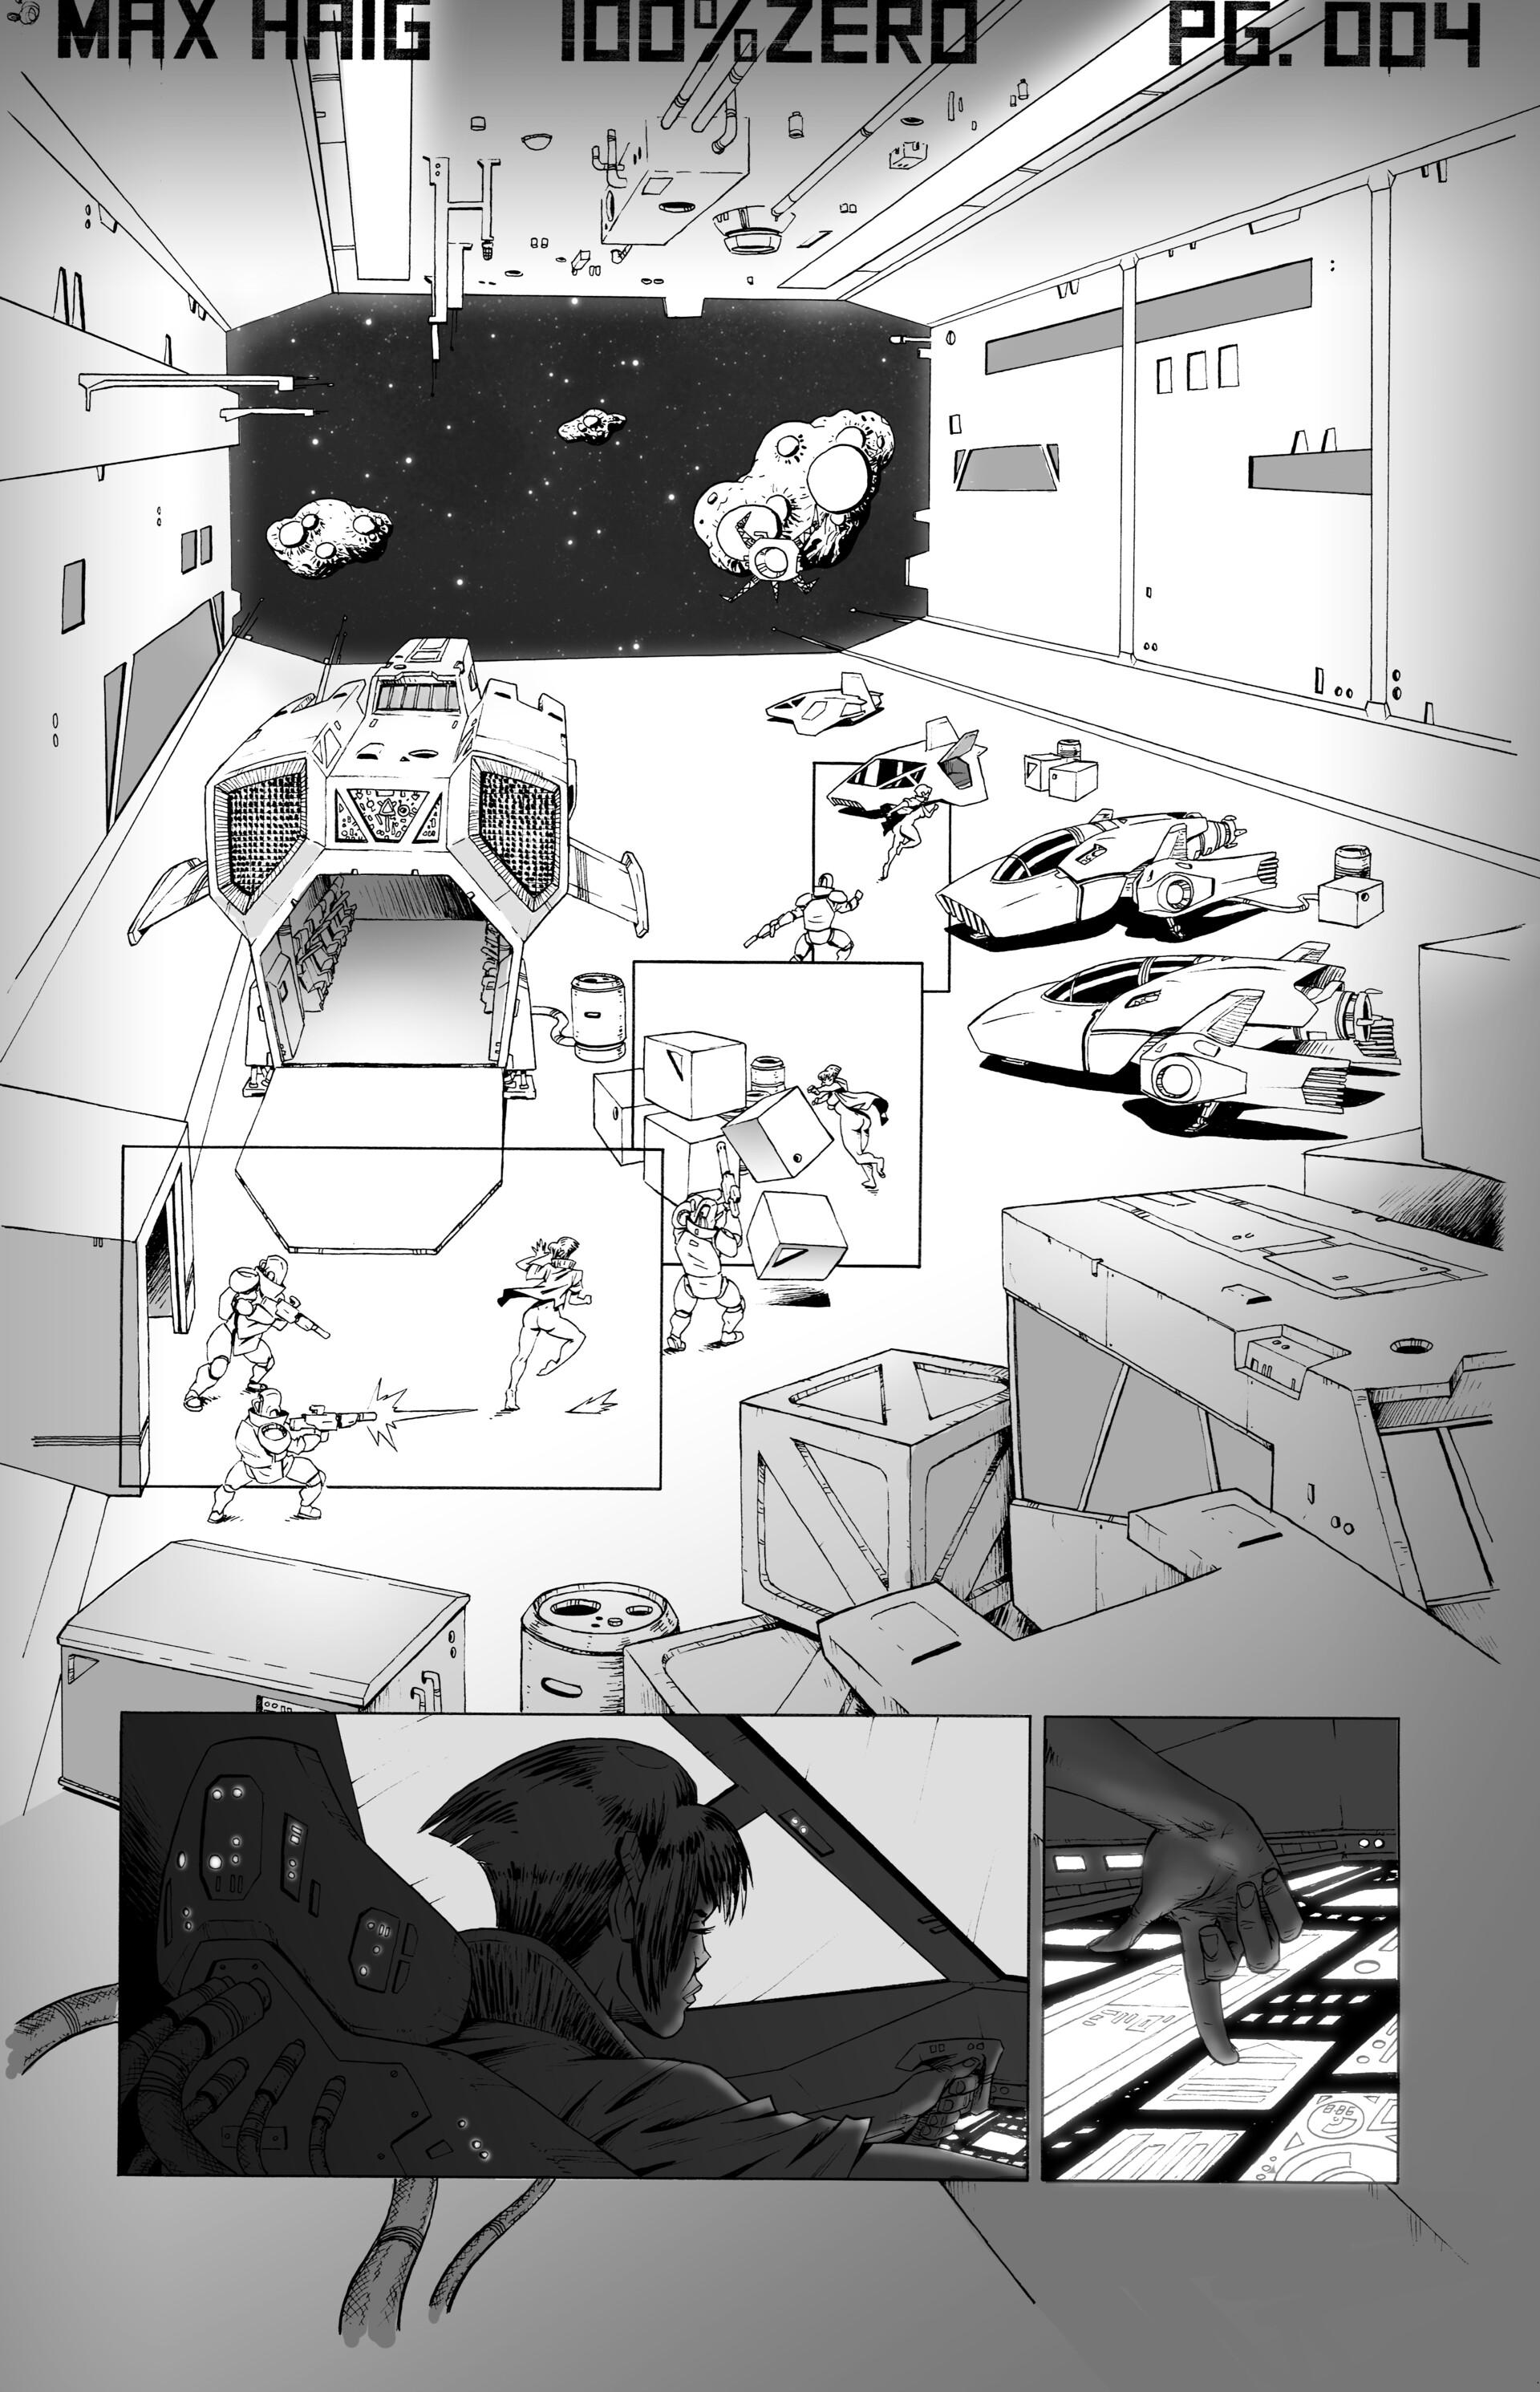 Max haig page 4 ink